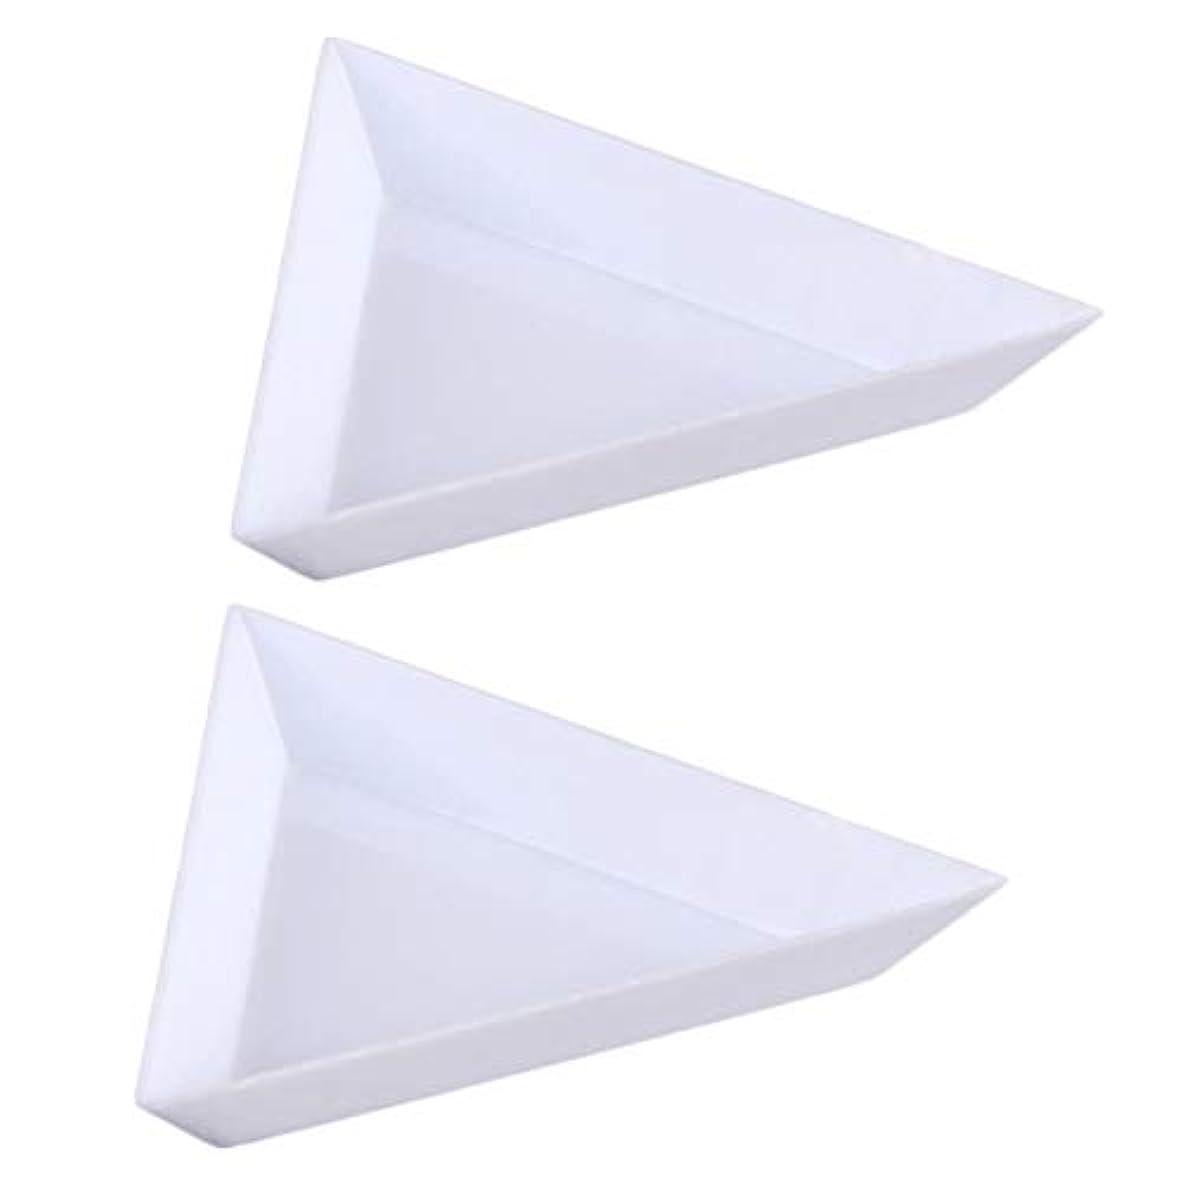 平手打ち詩睡眠RETYLY 10個三角コーナープラスチックラインストーンビーズ 結晶 ネイルアートソーティングトレイアクセサリー白 DiyネイルアートデコレーションDotting収納トレイ オーガニゼーションに最適